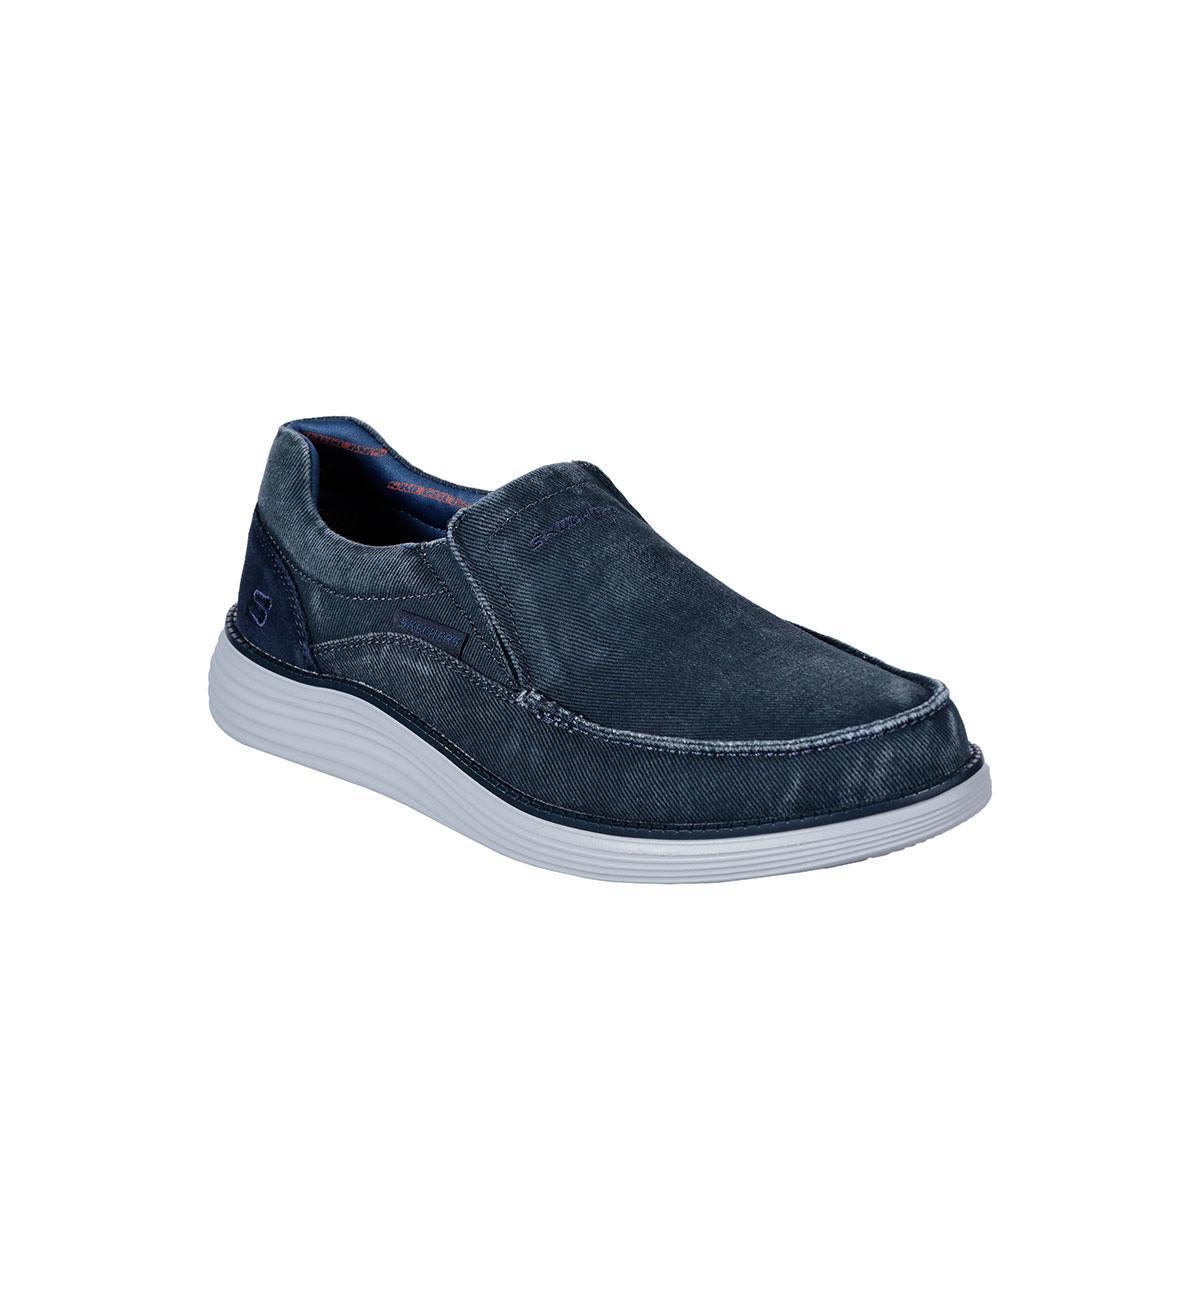 Skechers 66014/blu Mosent in het Blauw voor heren